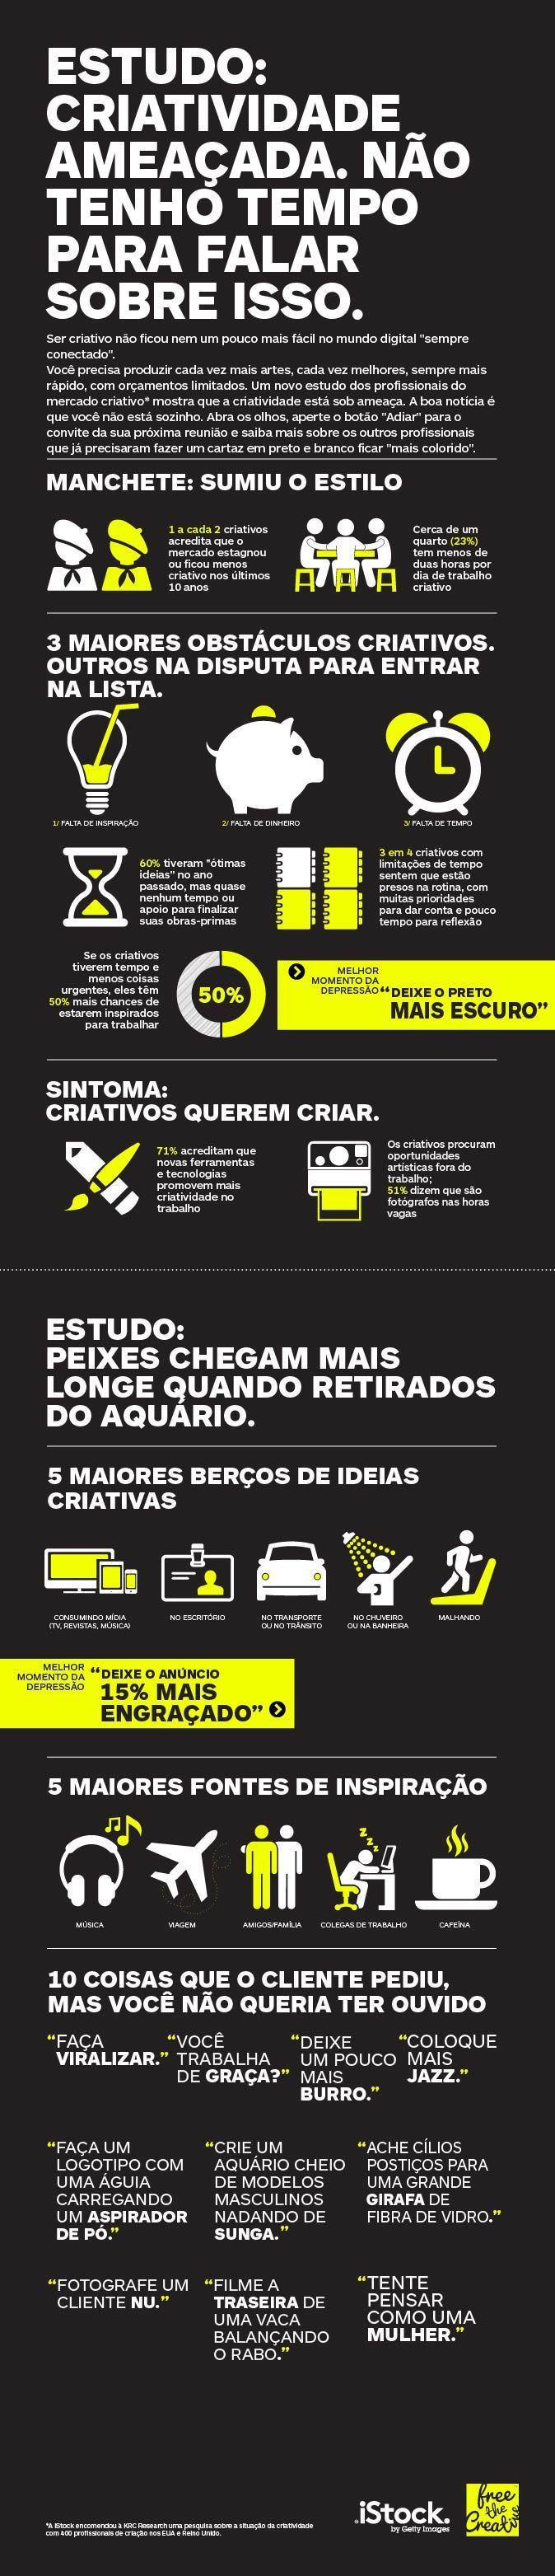 Infográfico: O Estado da Criatividade Moderna. Veja como os criativos pensam!